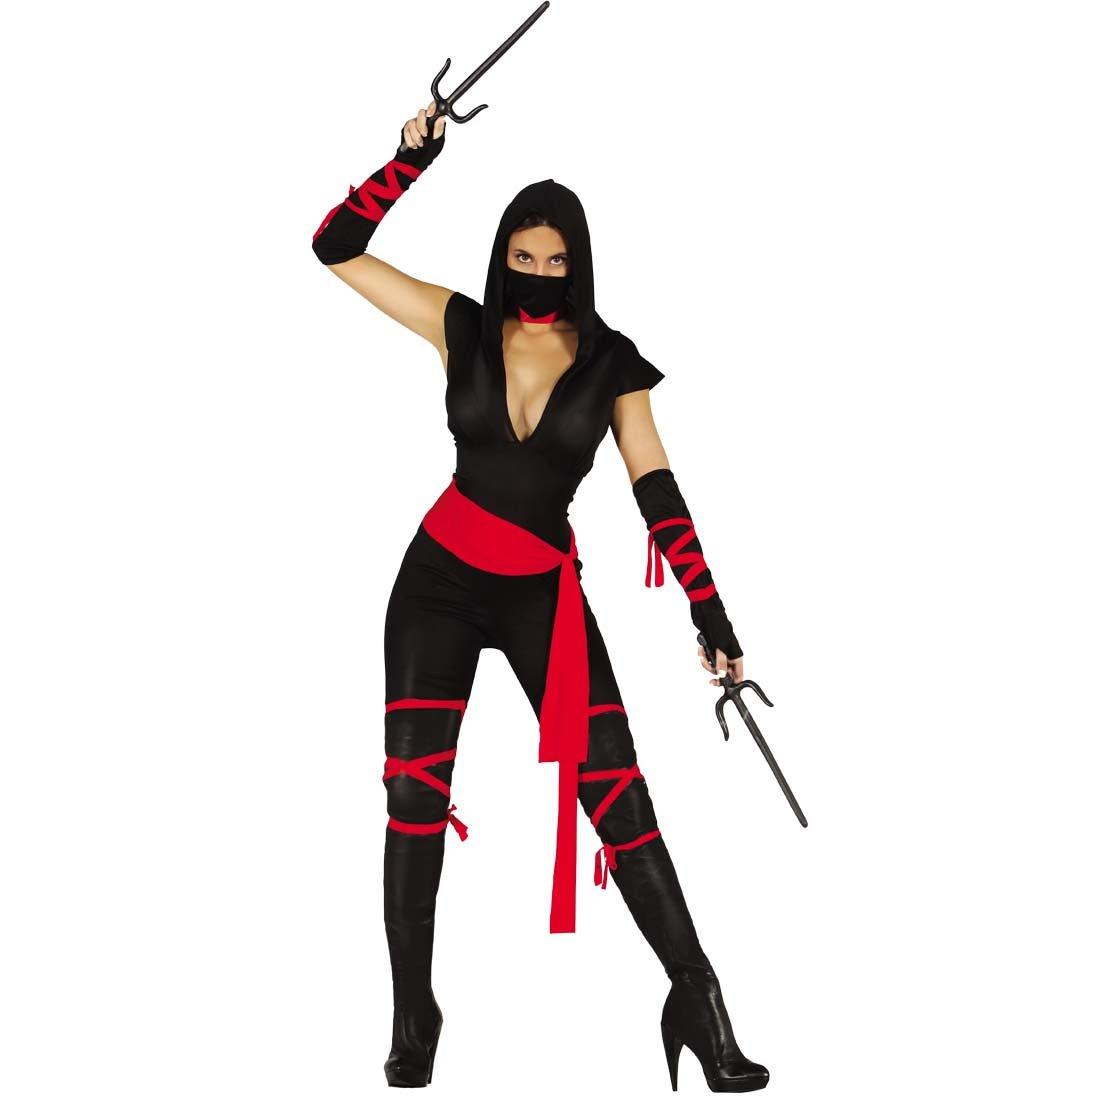 cb2fcd7a2d82a7 NET TOYS Costume de Ninja pour Femme Déguisement de Samurai Femmes S 38 40  Tenue de Carnaval guerrière Japonaise Habit défilé combattante Ninja  vêtements de ...